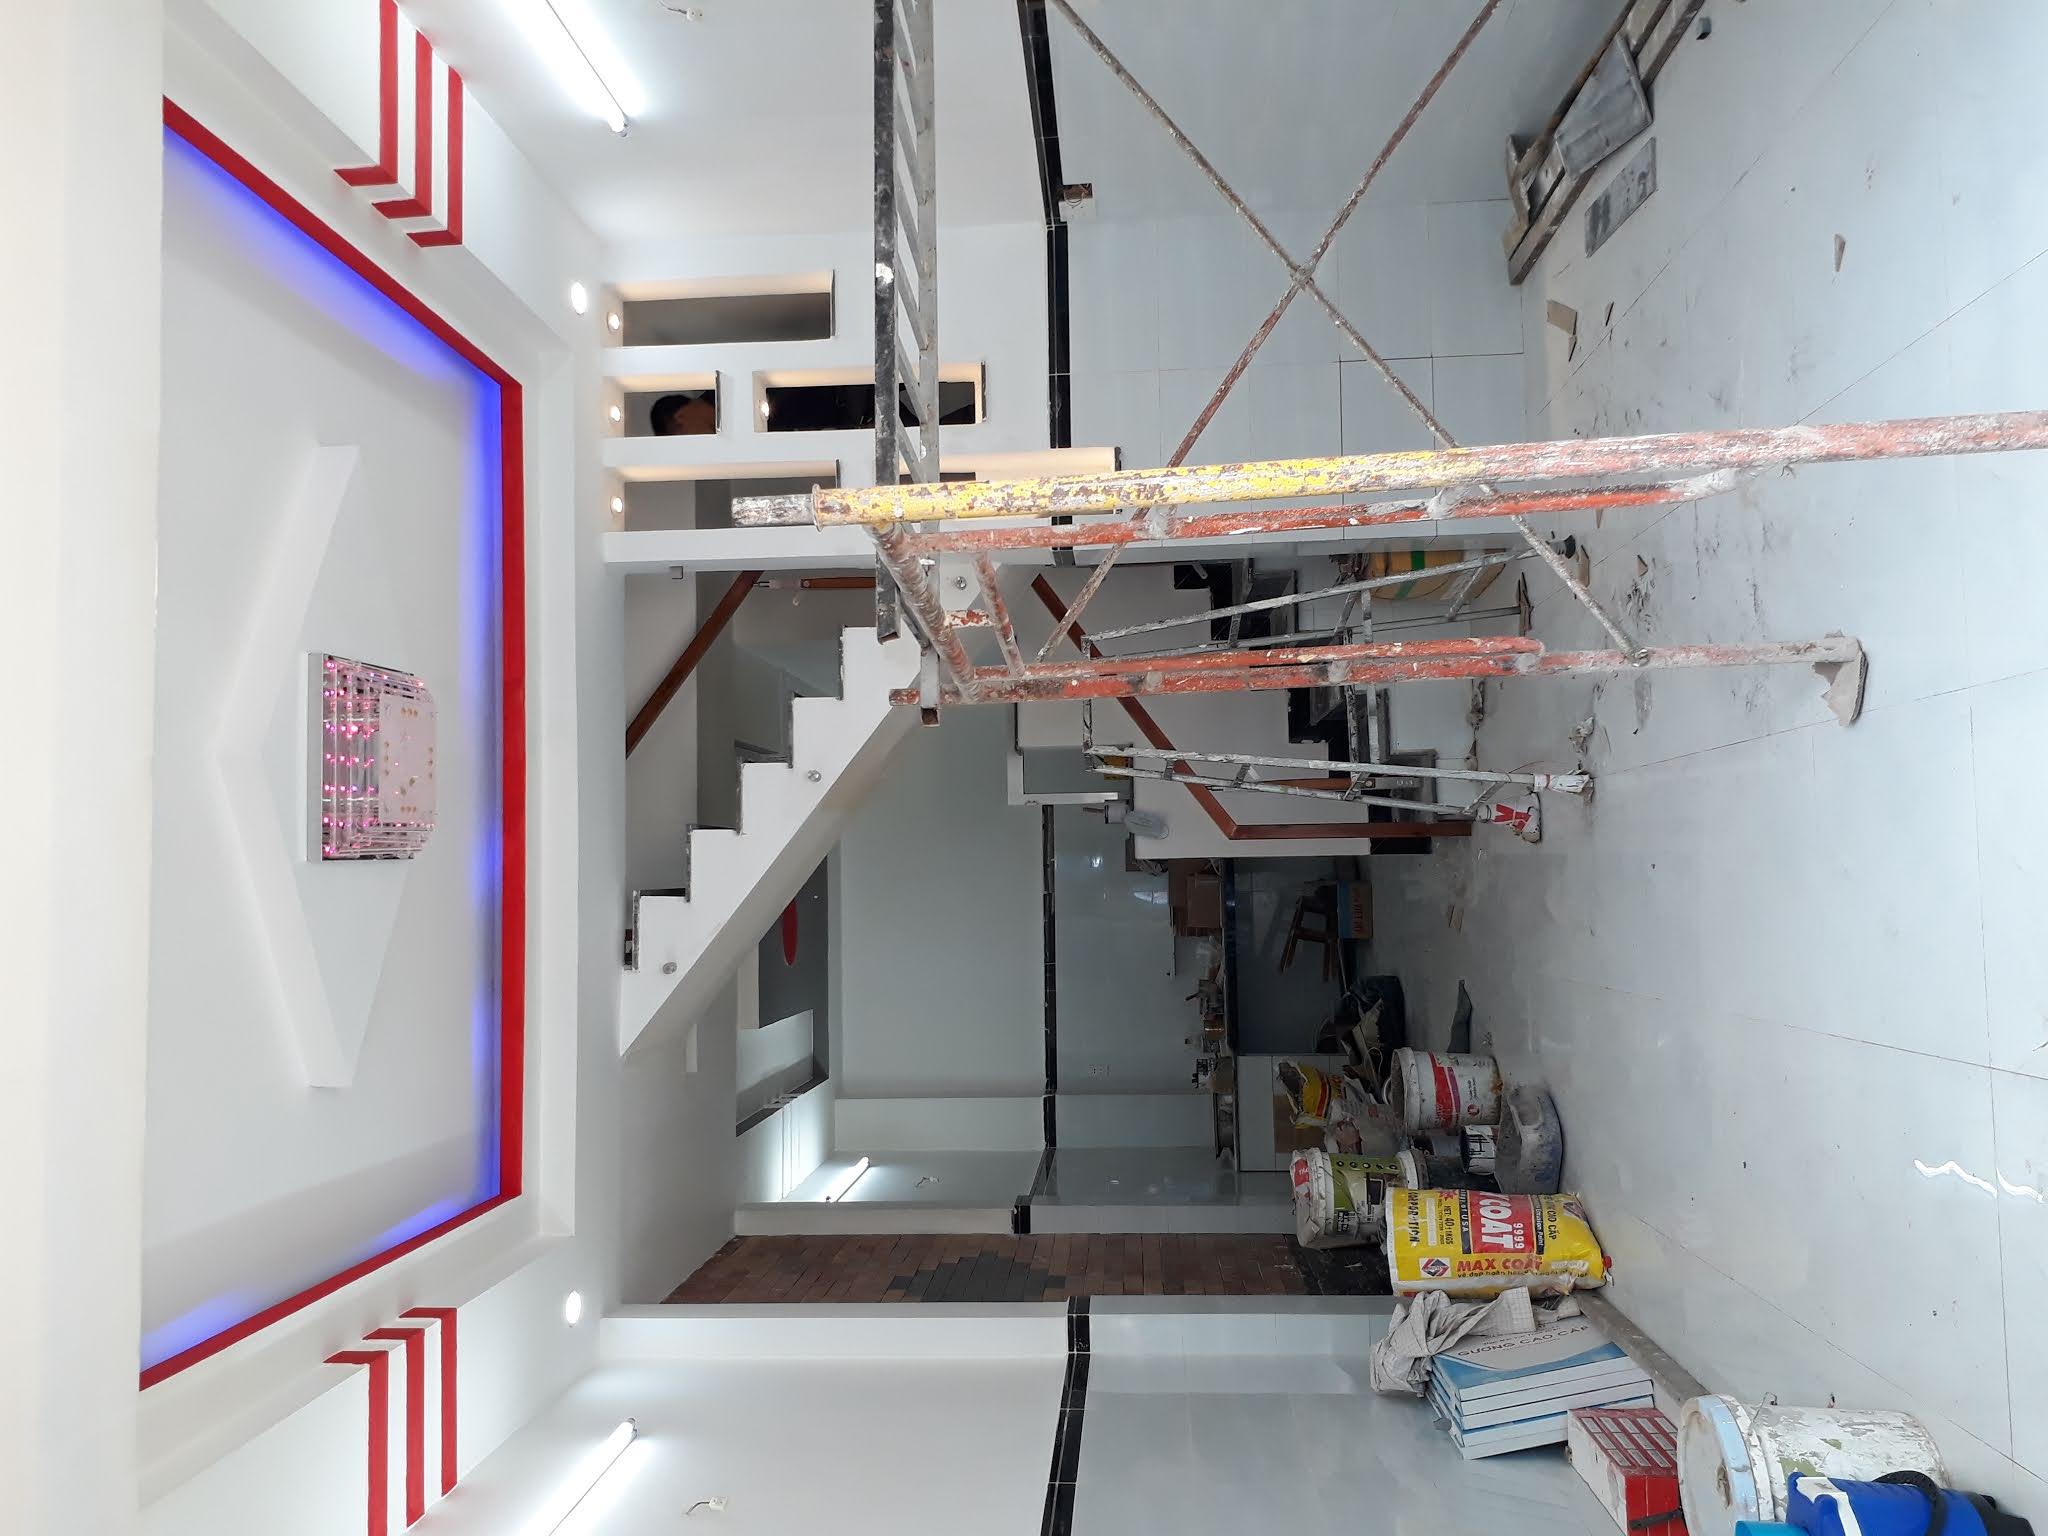 Bán nhà hẻm 4m Đường số 14 phường Bình Hưng Hòa A quận Bình Tân giá rẻ